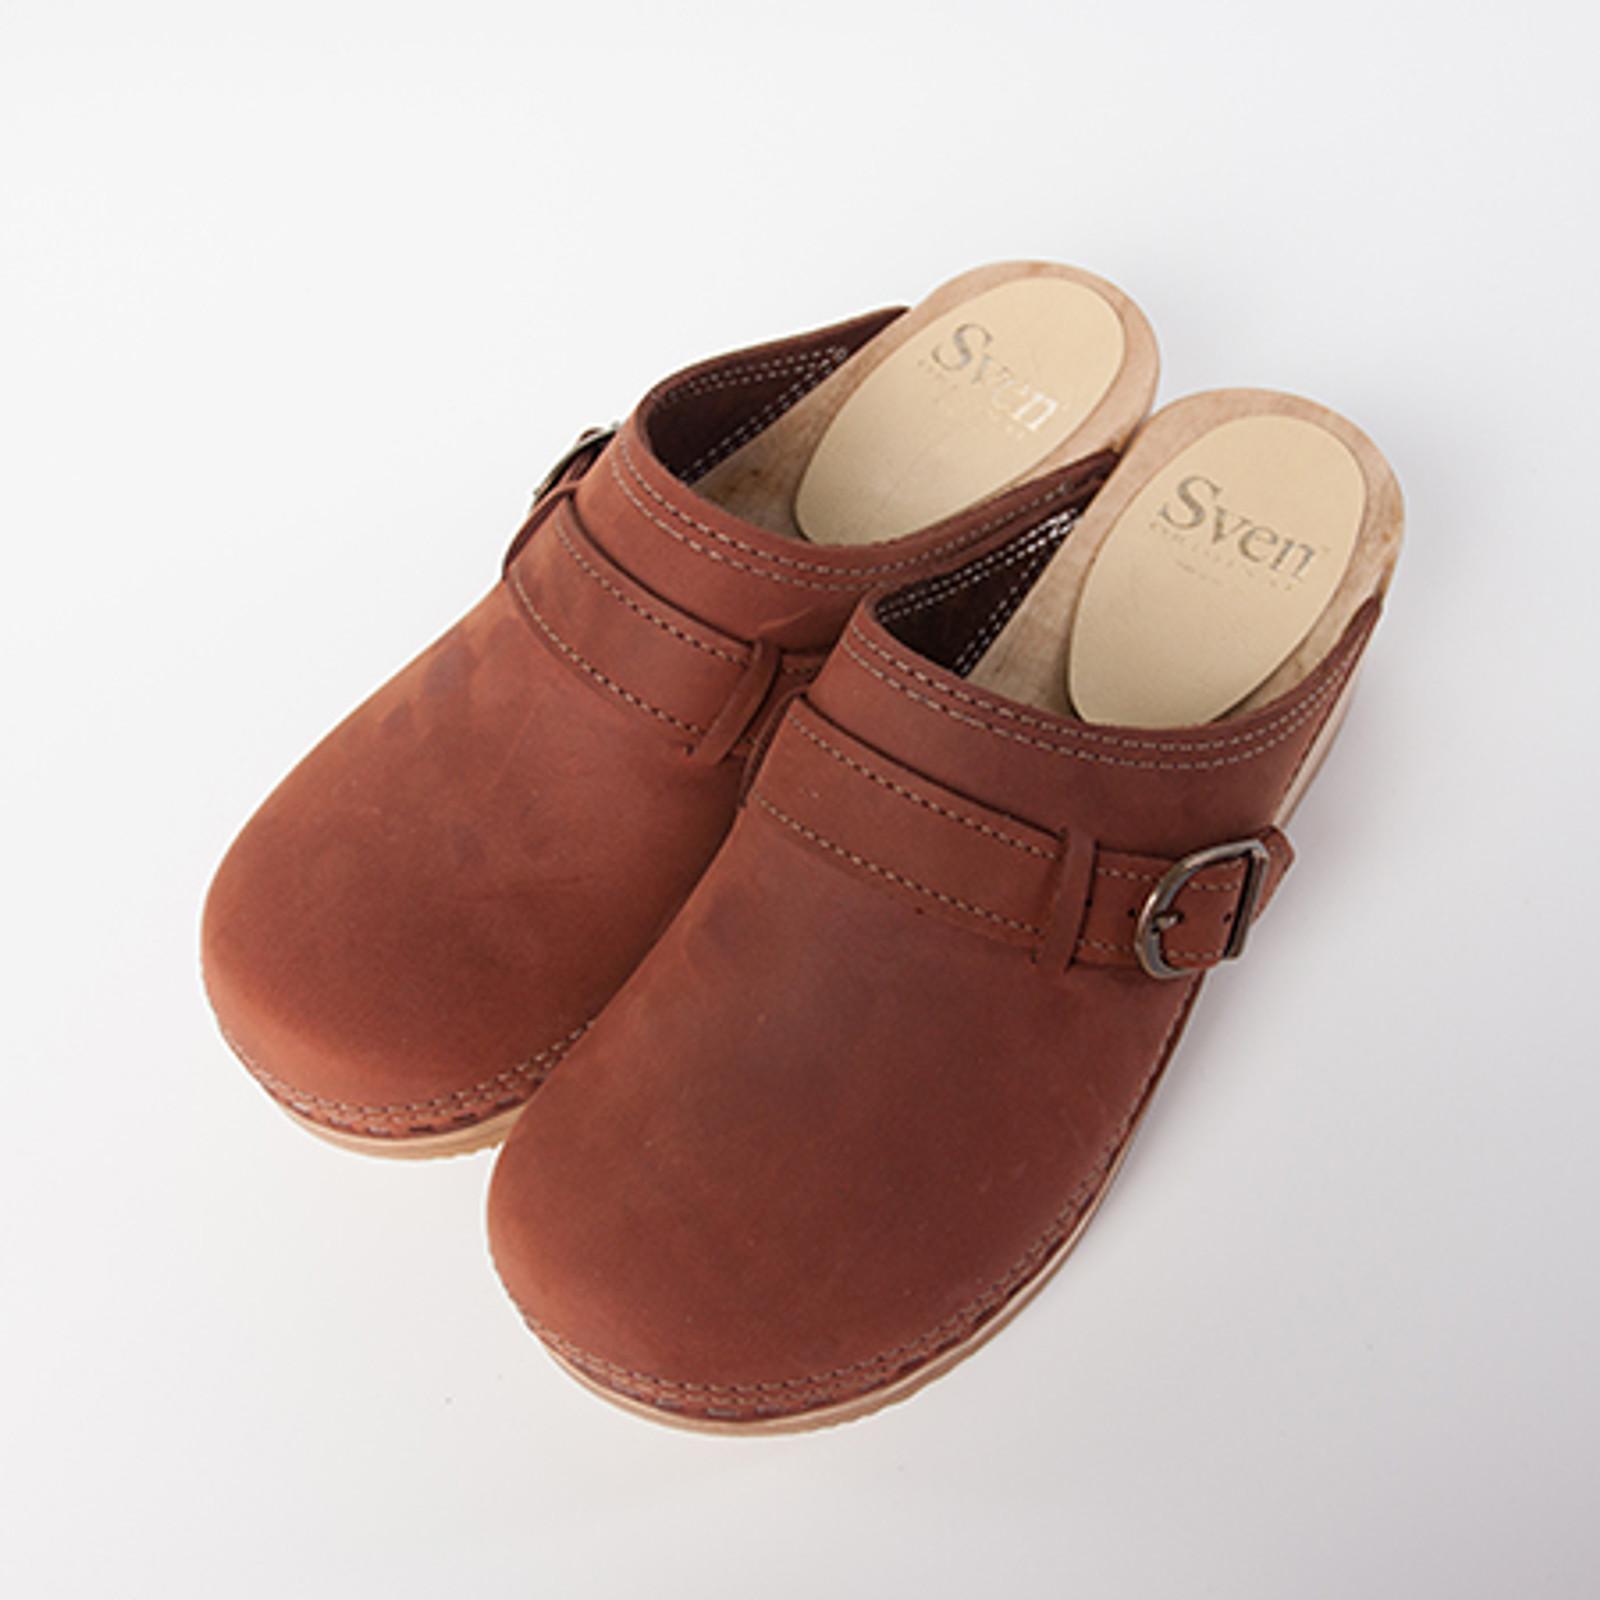 Belt Strap Clogs - Low Heels